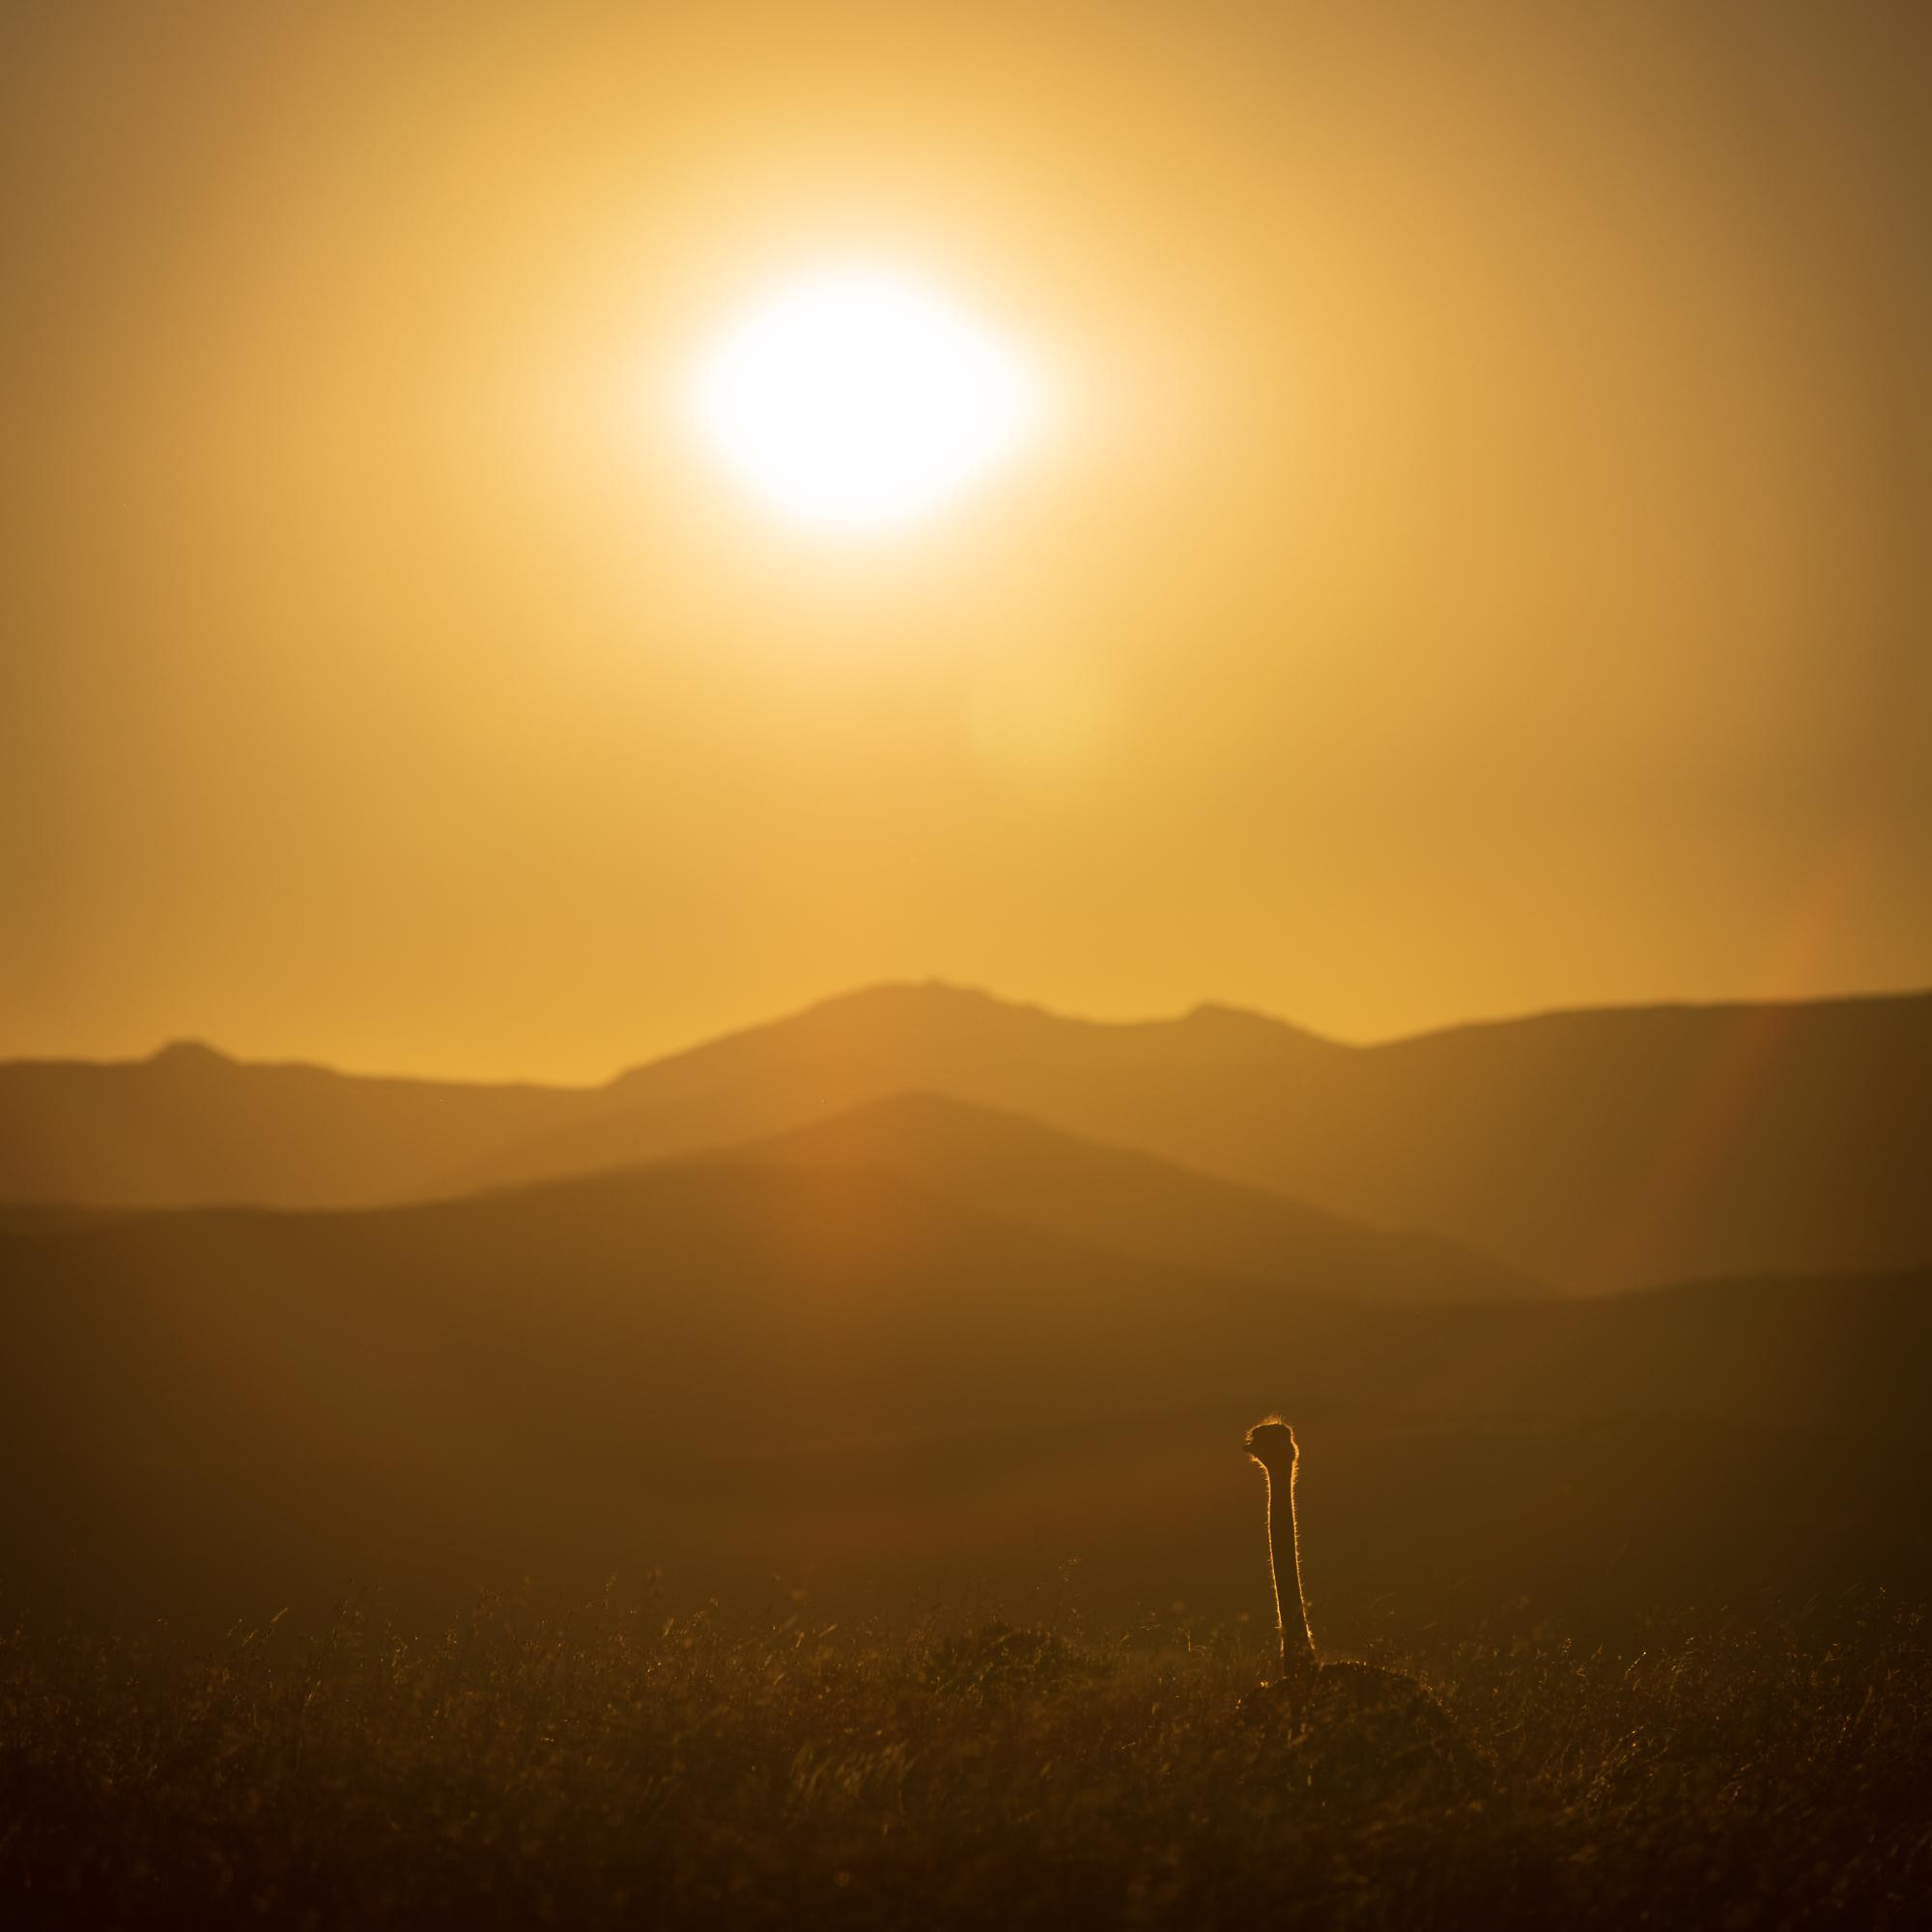 Struisvogel in de zon